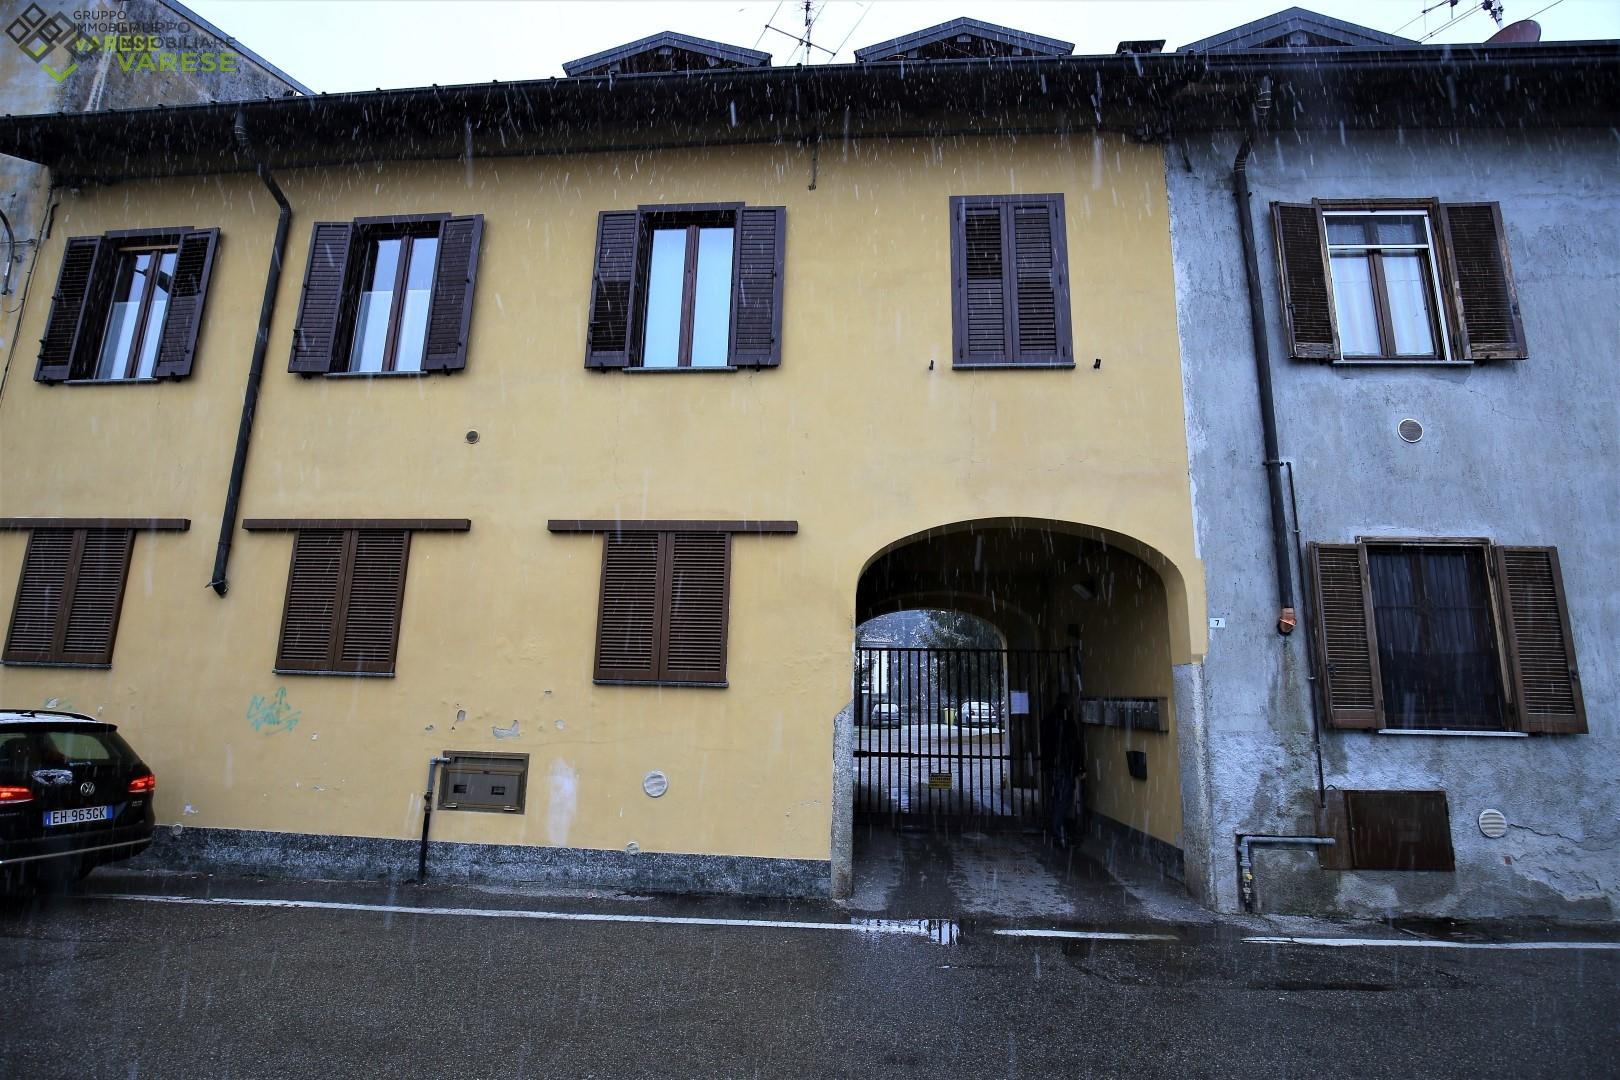 Appartamento in vendita a Oggiona con Santo Stefano, 2 locali, zona Località: S.oStefano, prezzo € 35.000 | CambioCasa.it